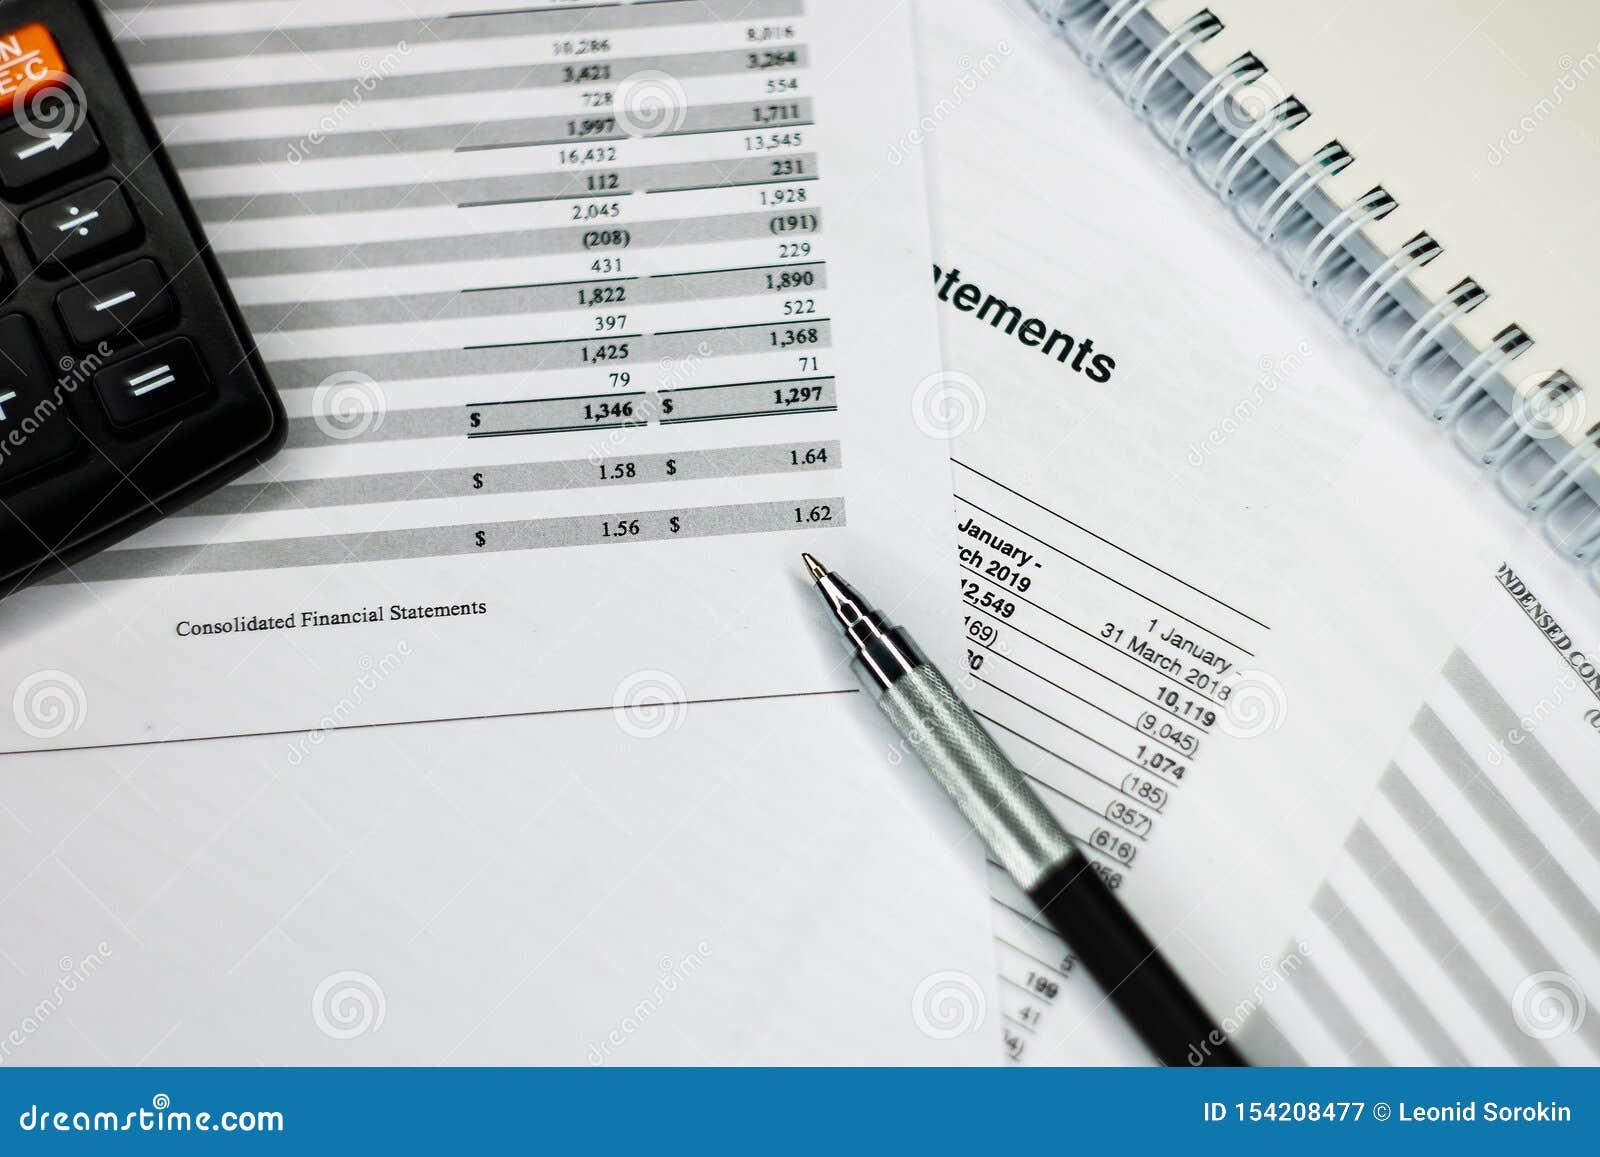 Οικονομική ανάλυση - δήλωση εισοδηματικής ισορροπίας, επιχειρηματικό σχέδιο με το γυαλί